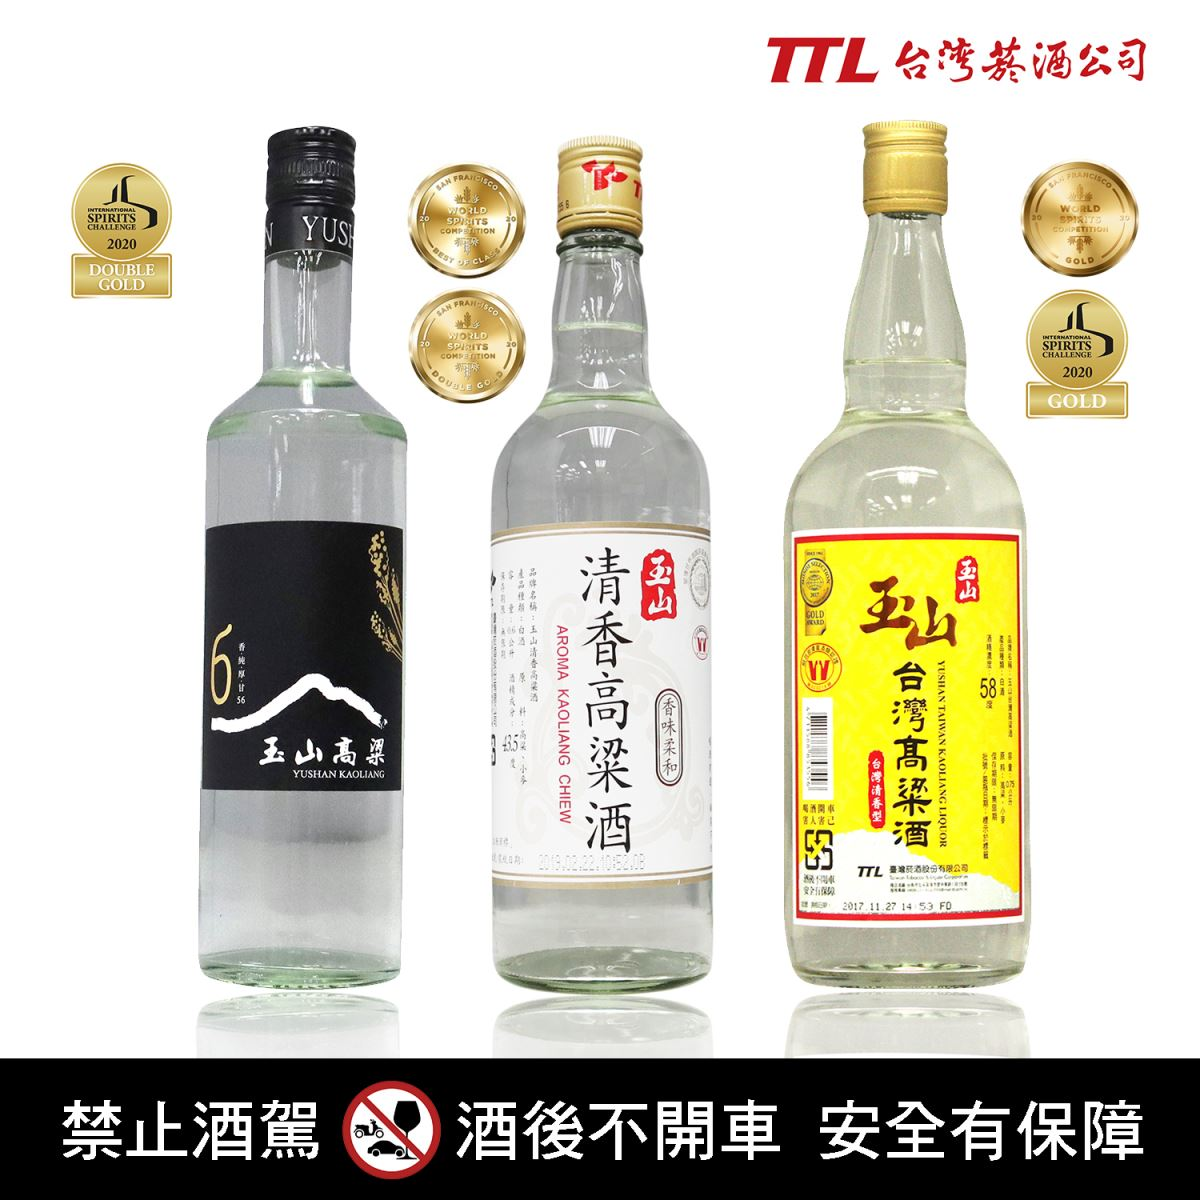 台酒玉山高粱  第三度勇奪世界最佳白酒